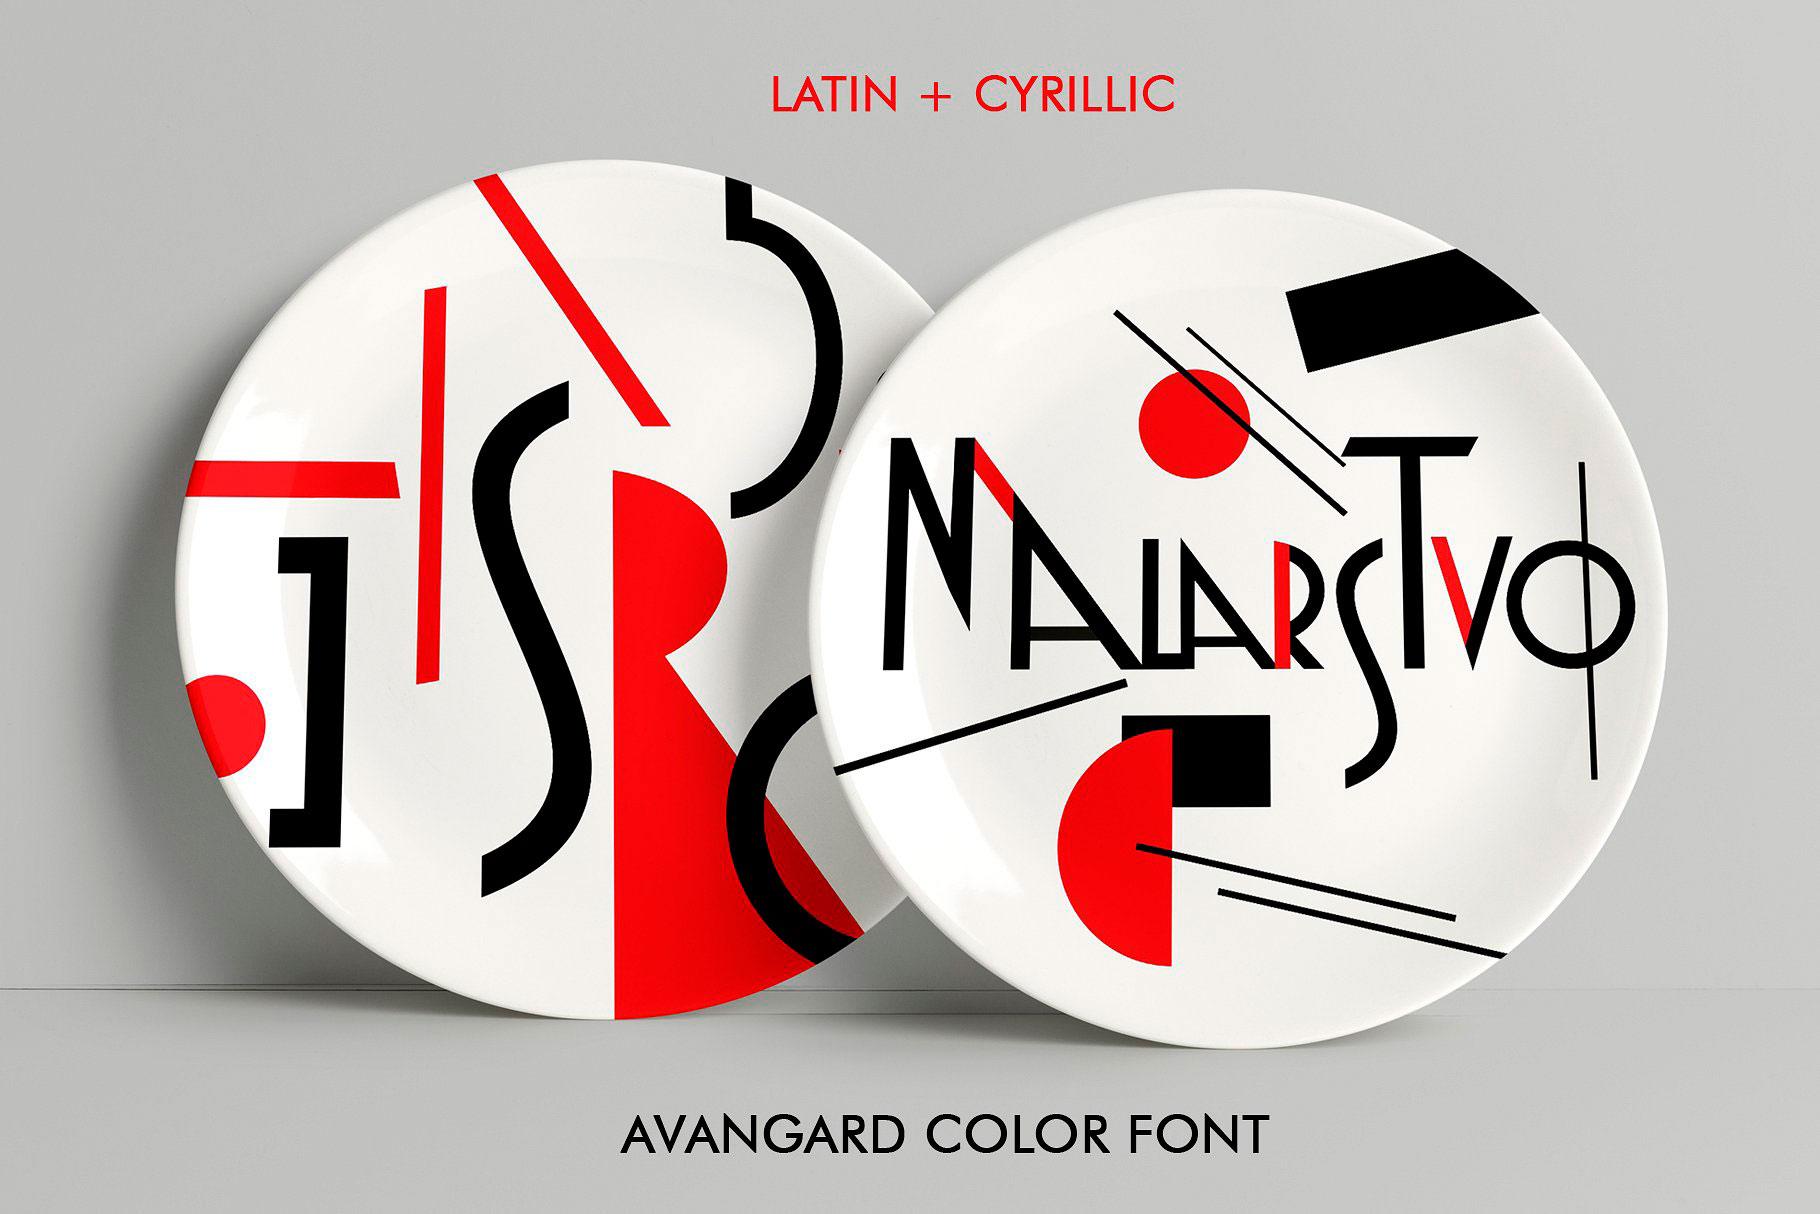 MOSAIC color font